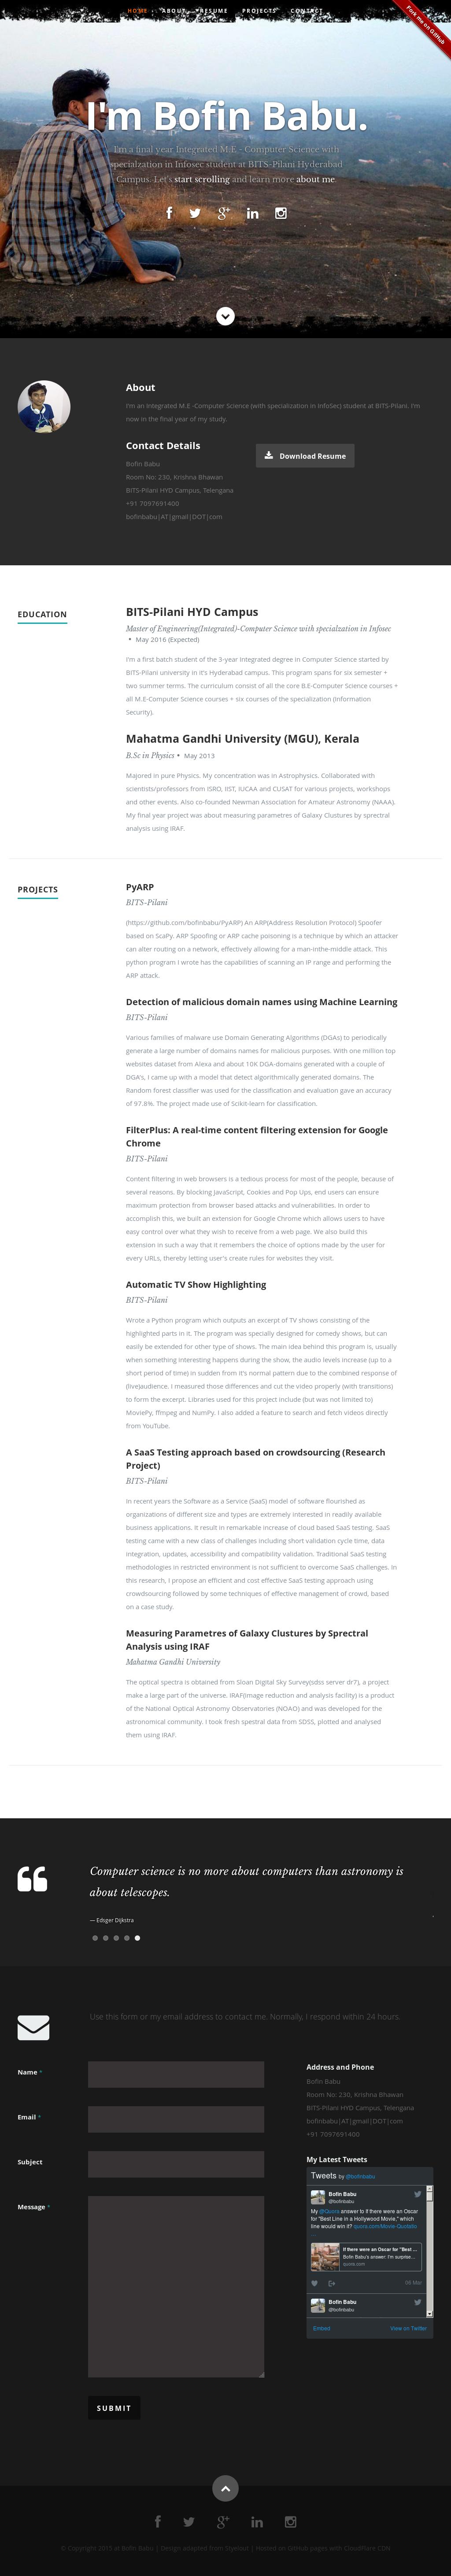 Bofin Babu Competitors, Revenue and Employees - Owler Company Profile